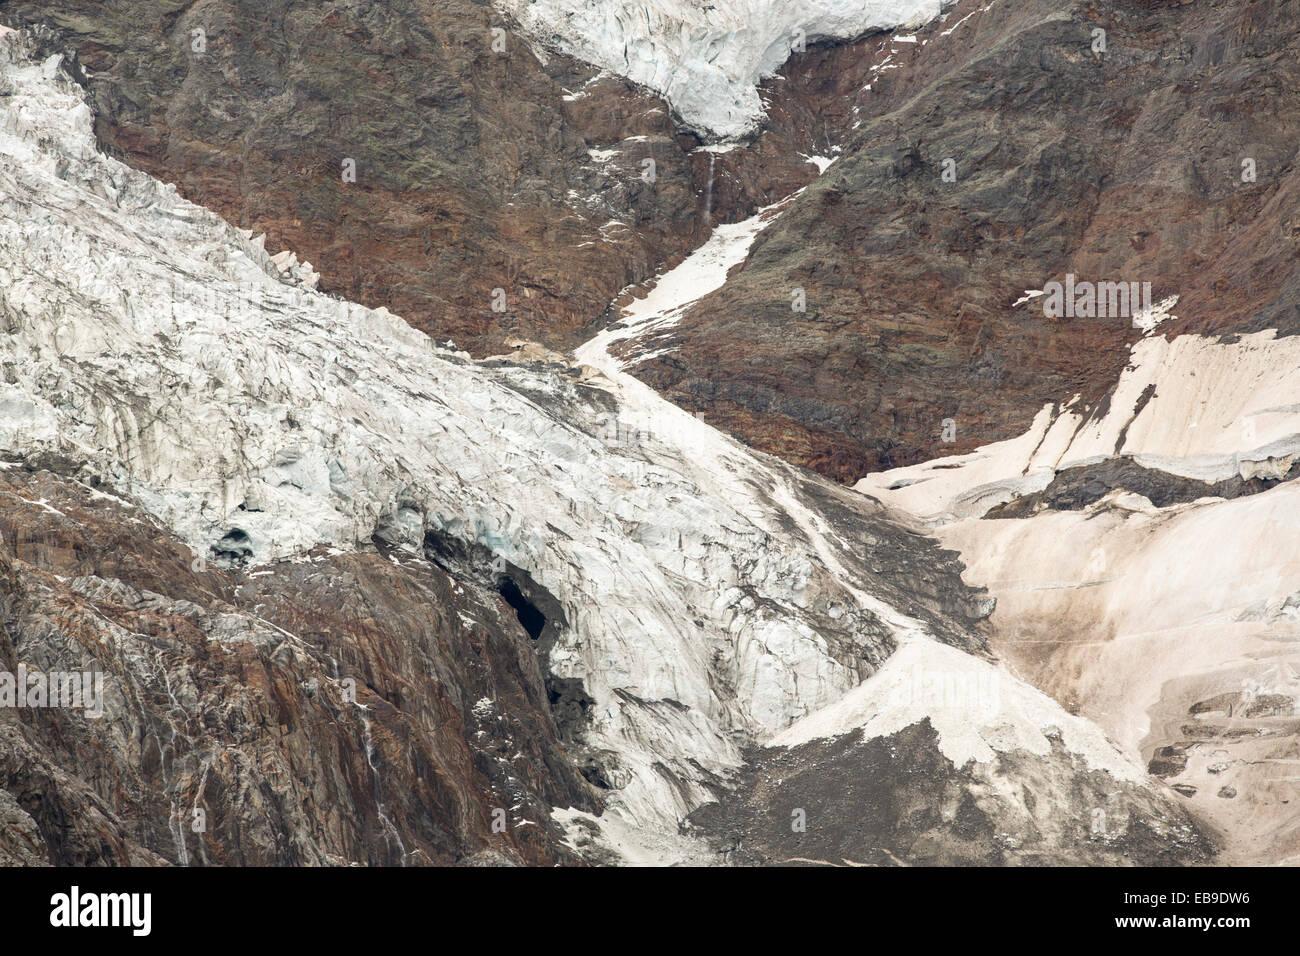 Il rapidamente ritirandosi Bionnassay ghiacciaio proveniente dal Mont Blanc gamma. Esso si è retratto oltre Immagini Stock